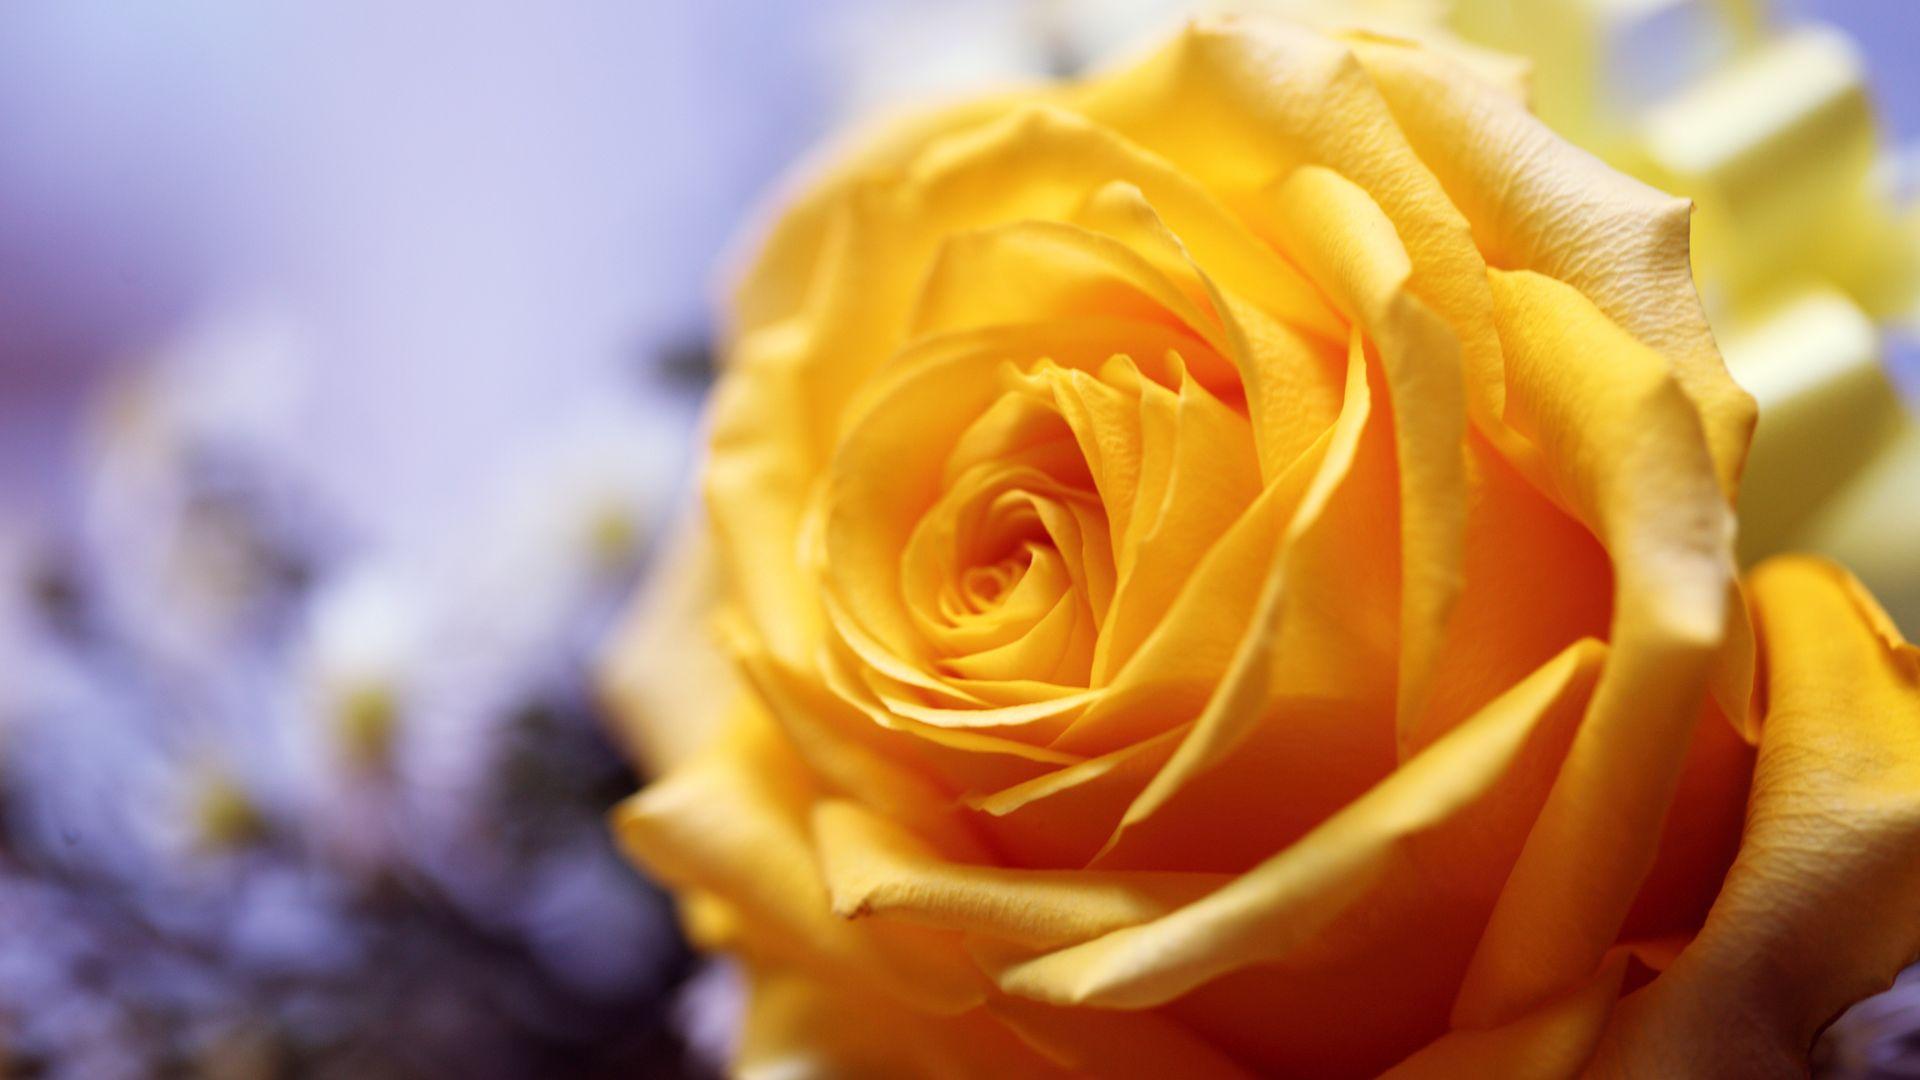 Hình nền hoa hồng vàng đẹp